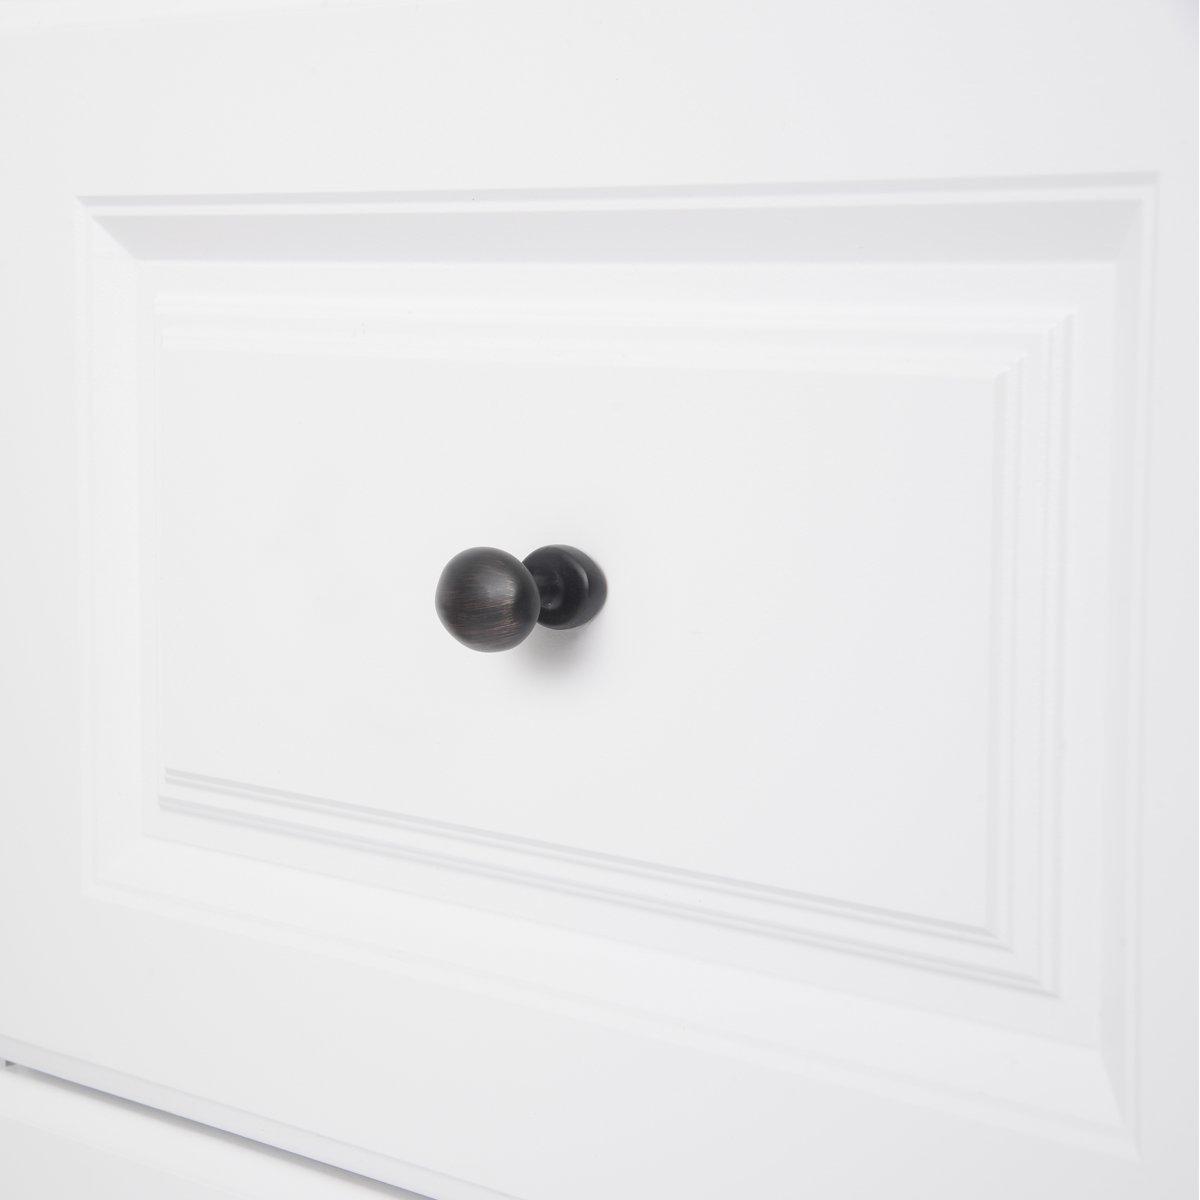 negro liso 3,59 cm de di/ámetro paquete de 25 Basics con forma de bal/ón de rugby Pomo de armario